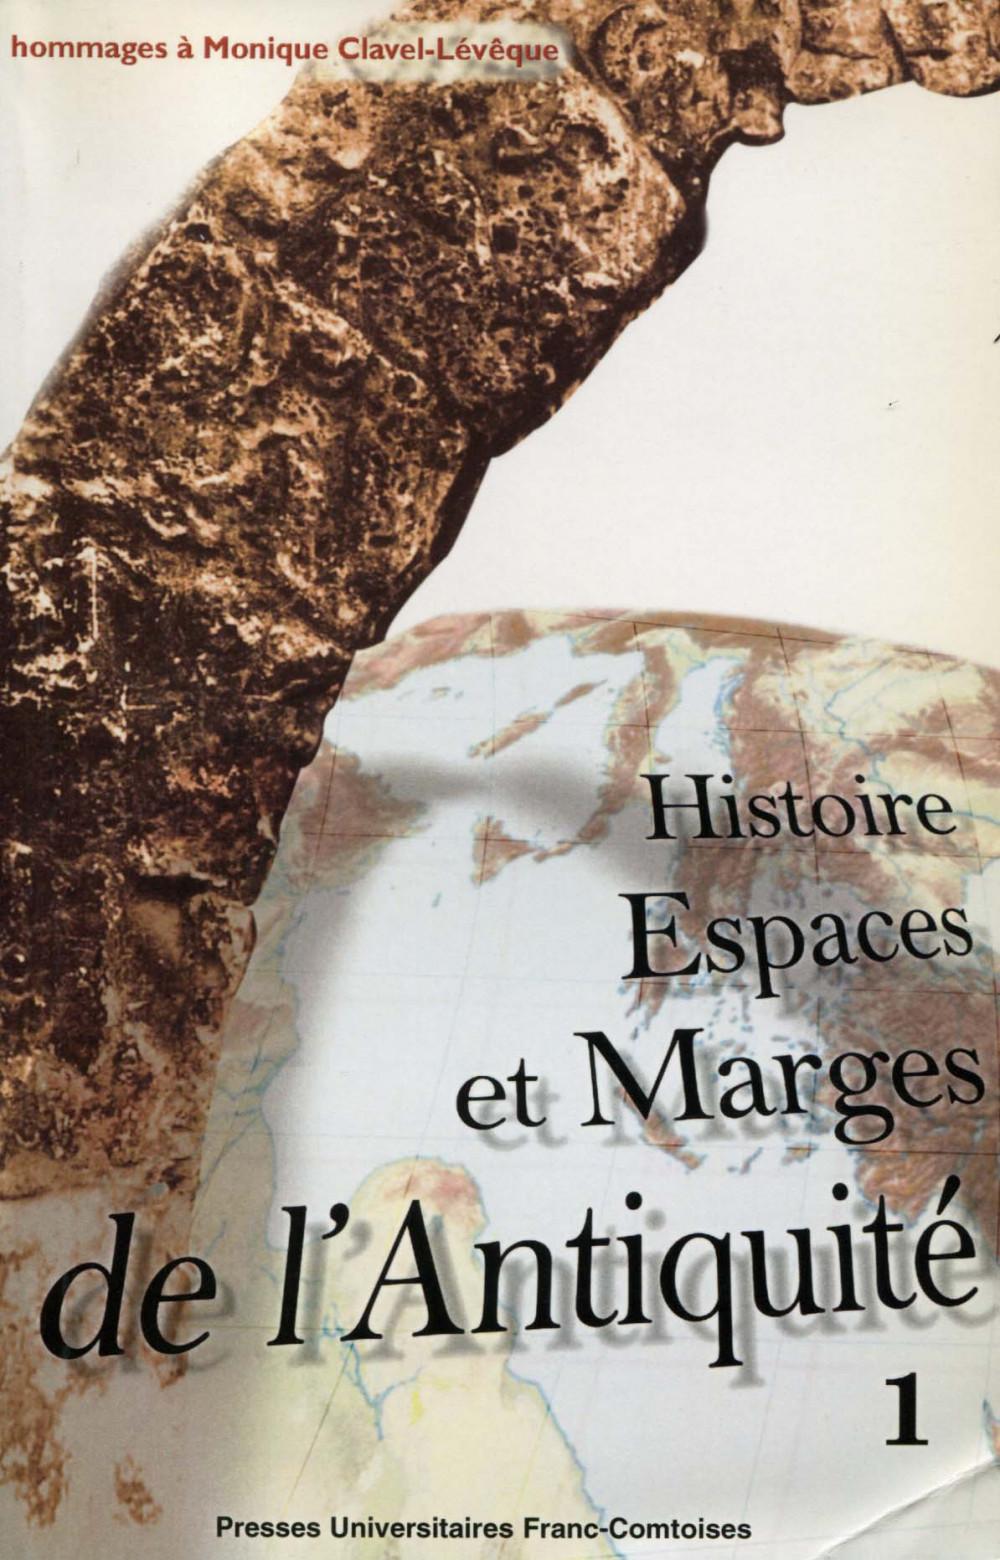 Histoire Espaces et Marges de l'Antiquité 1